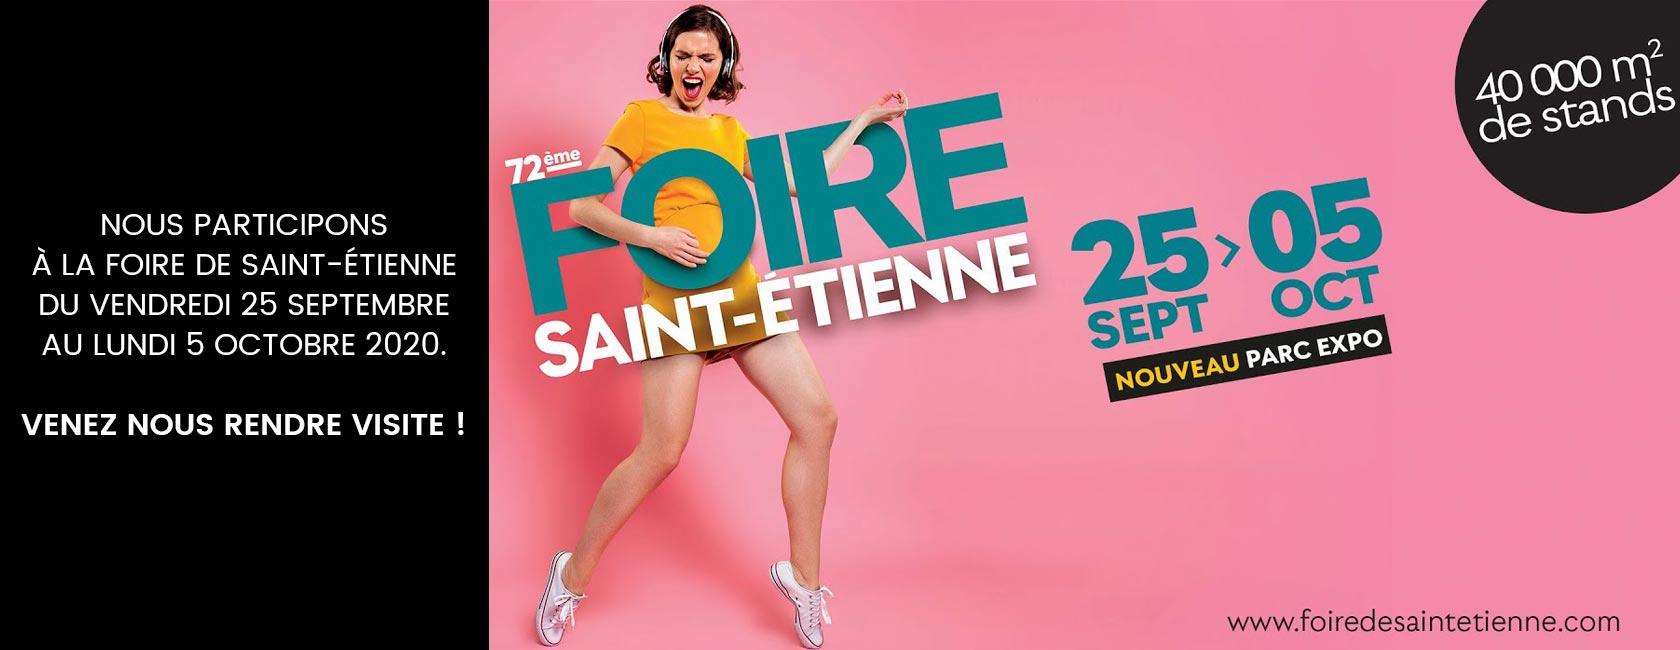 foire saint-etienne 2020